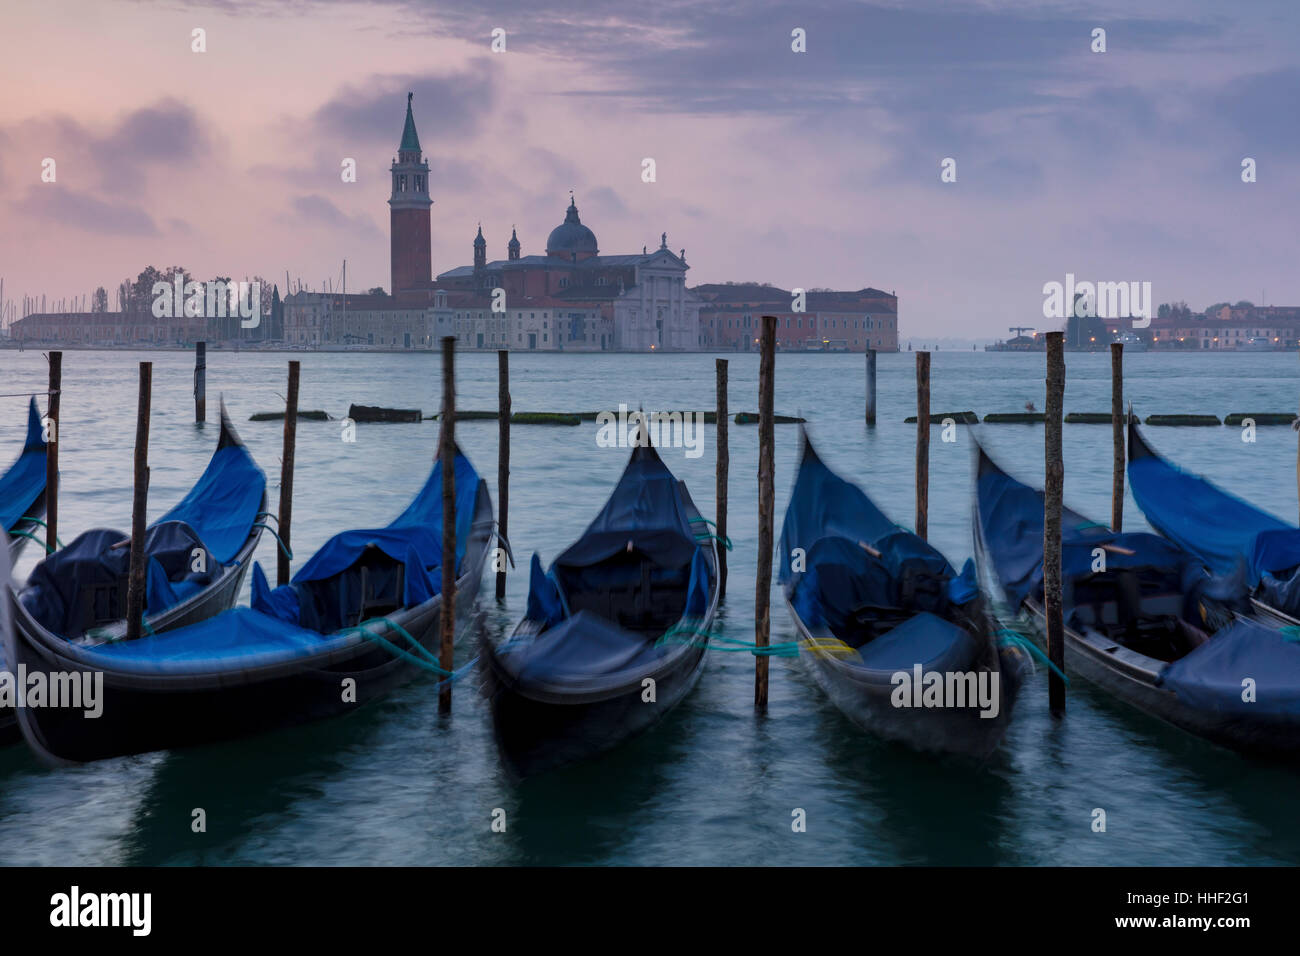 Pre-alba della luce sulle gondole e San Giorgio Maggiore, Venezia, Veneto, Italia Immagini Stock